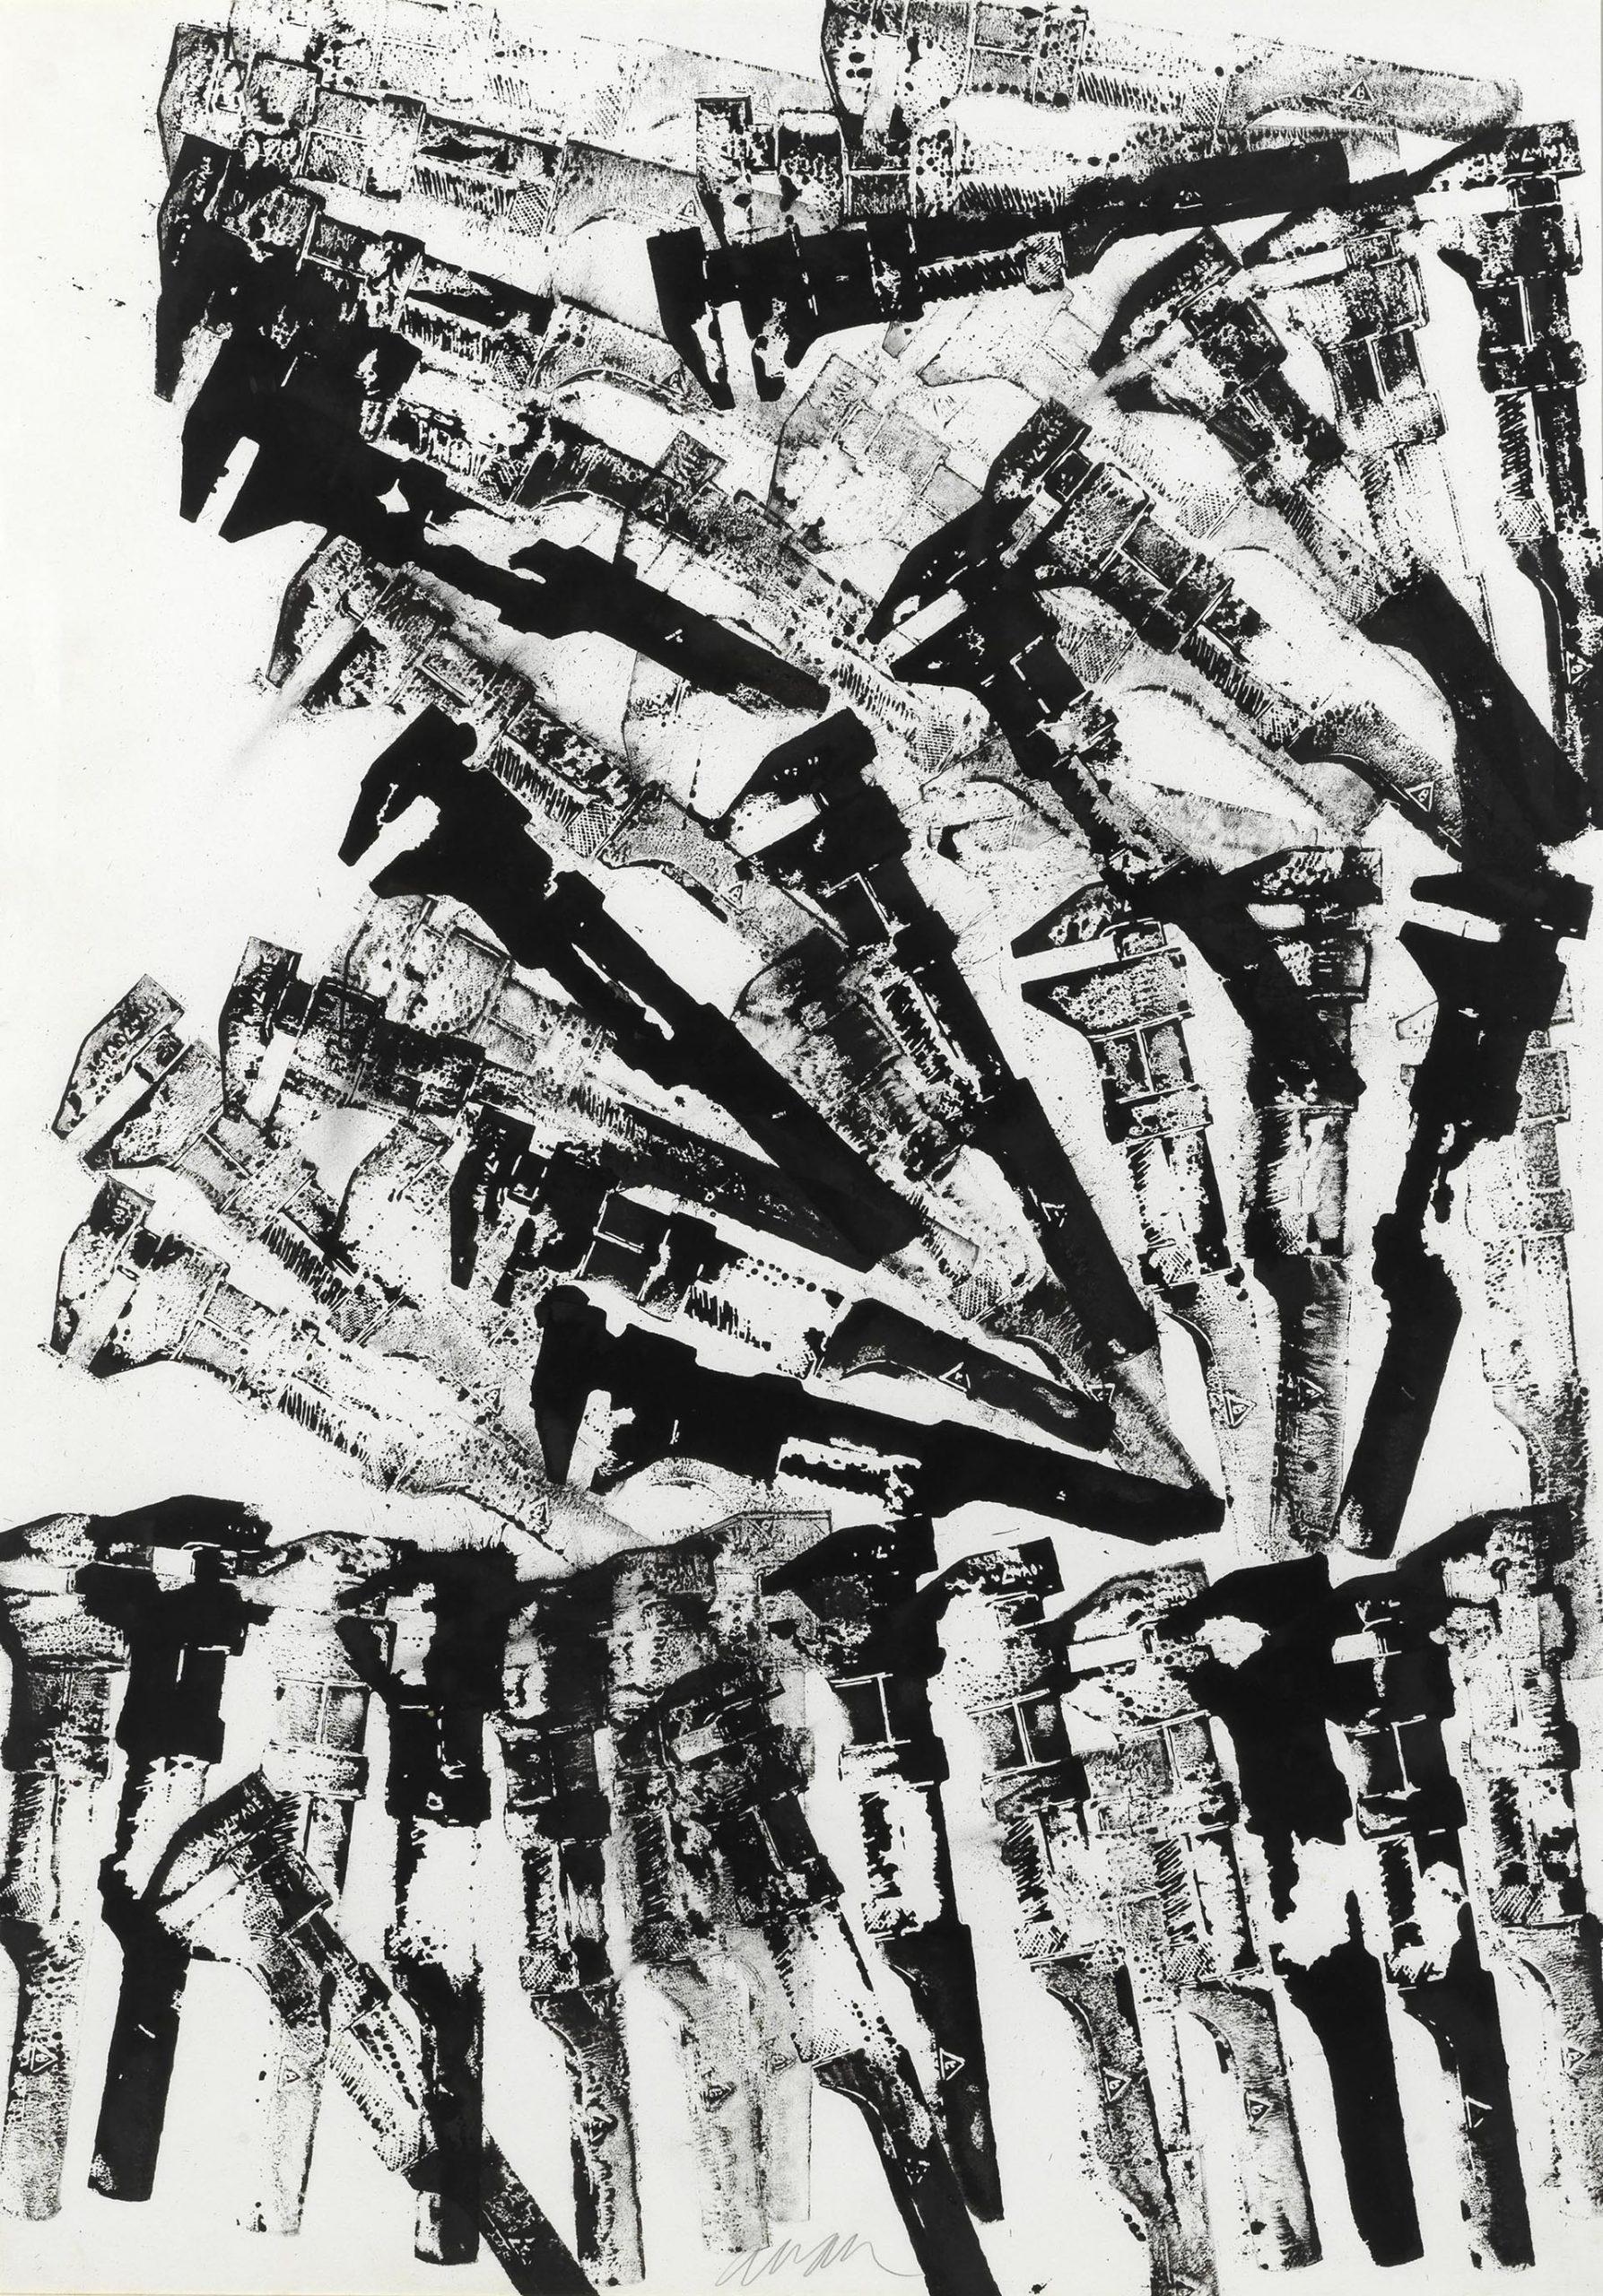 Arman, Sans titre, 1977, 105x76 cm